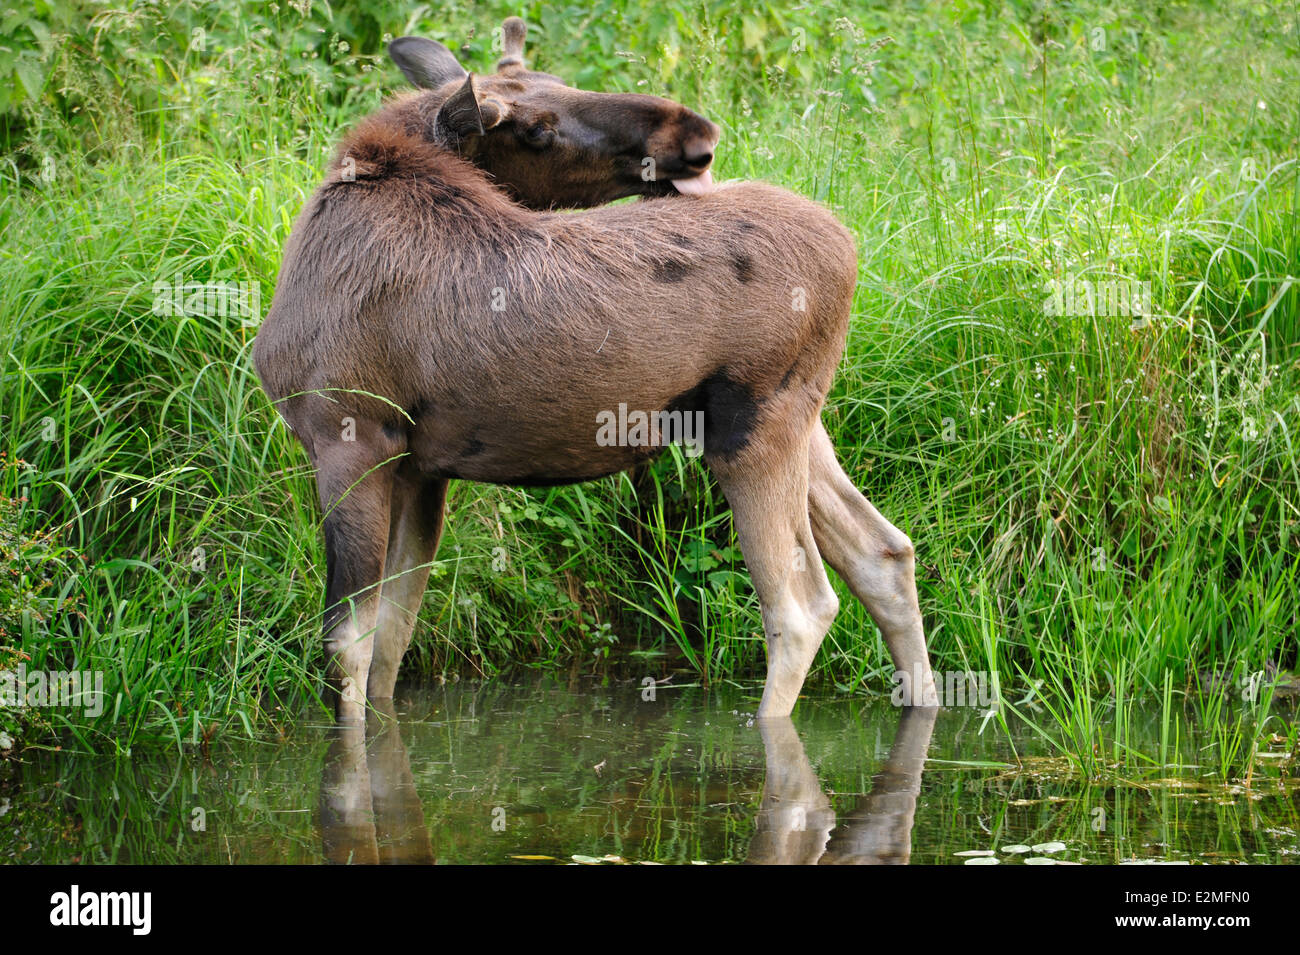 Eurasian elk - photo#42